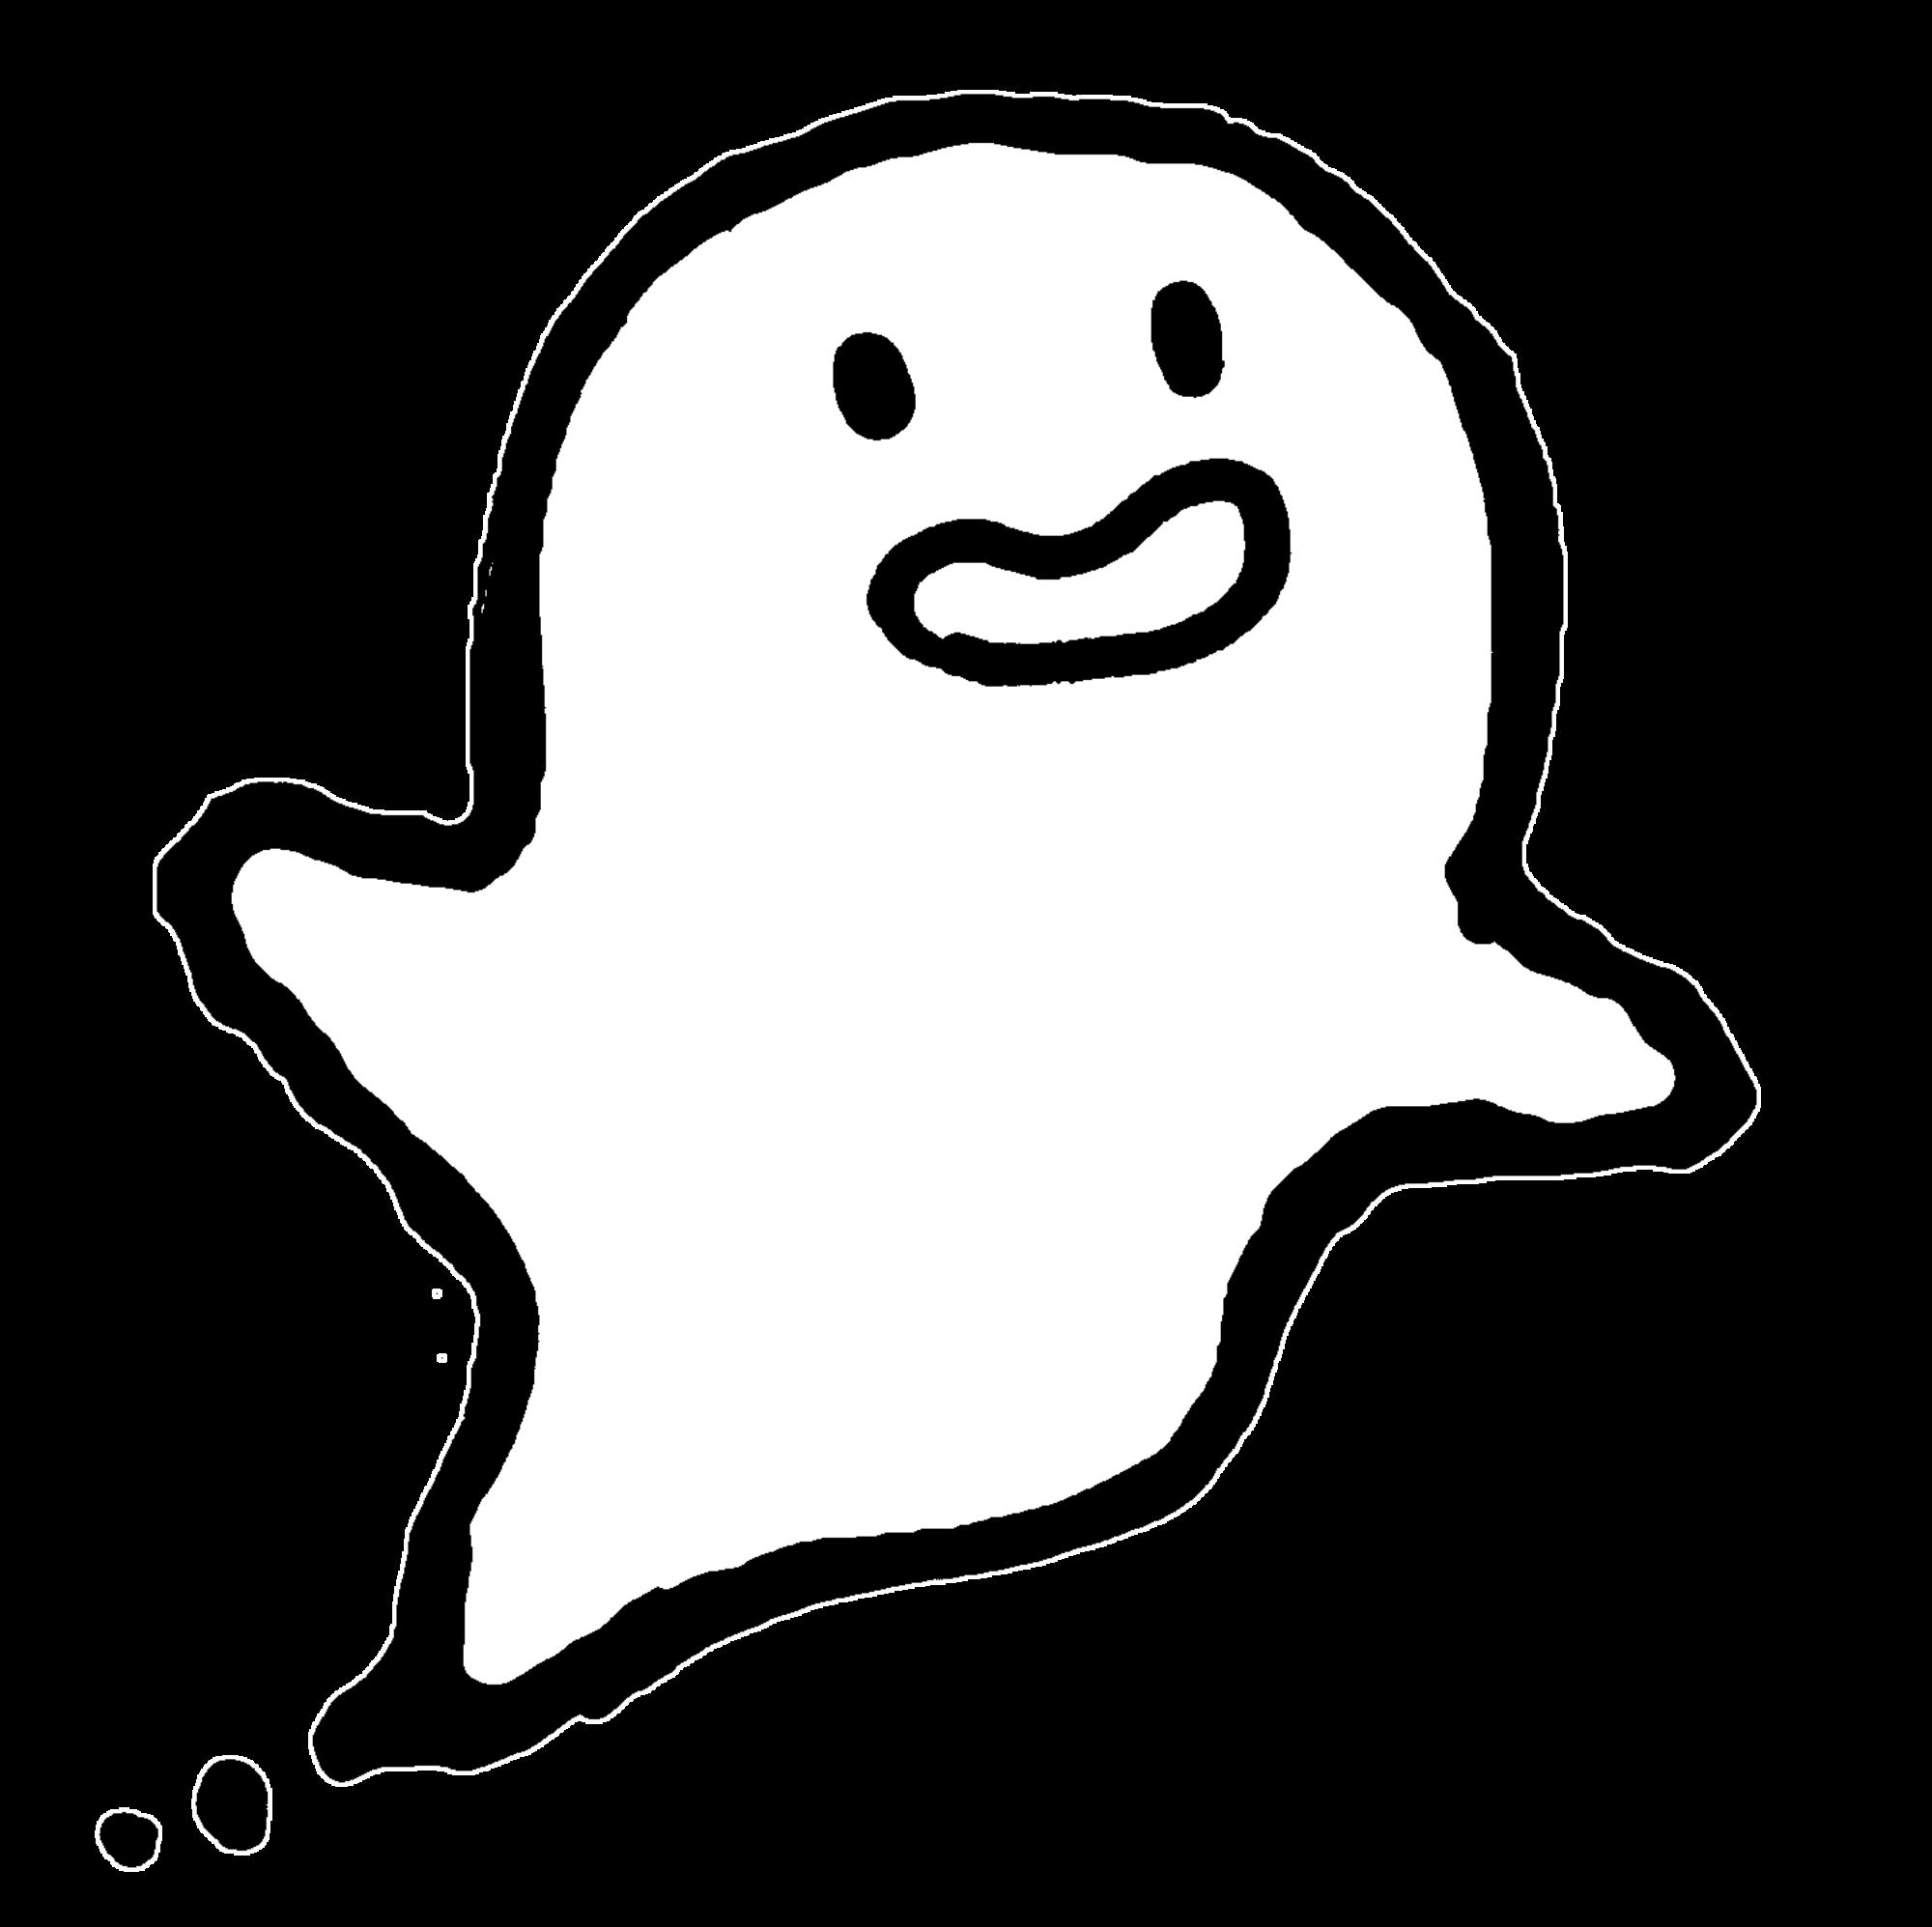 笑顔のおばけのイラスト / Smiling ghosts Illustration